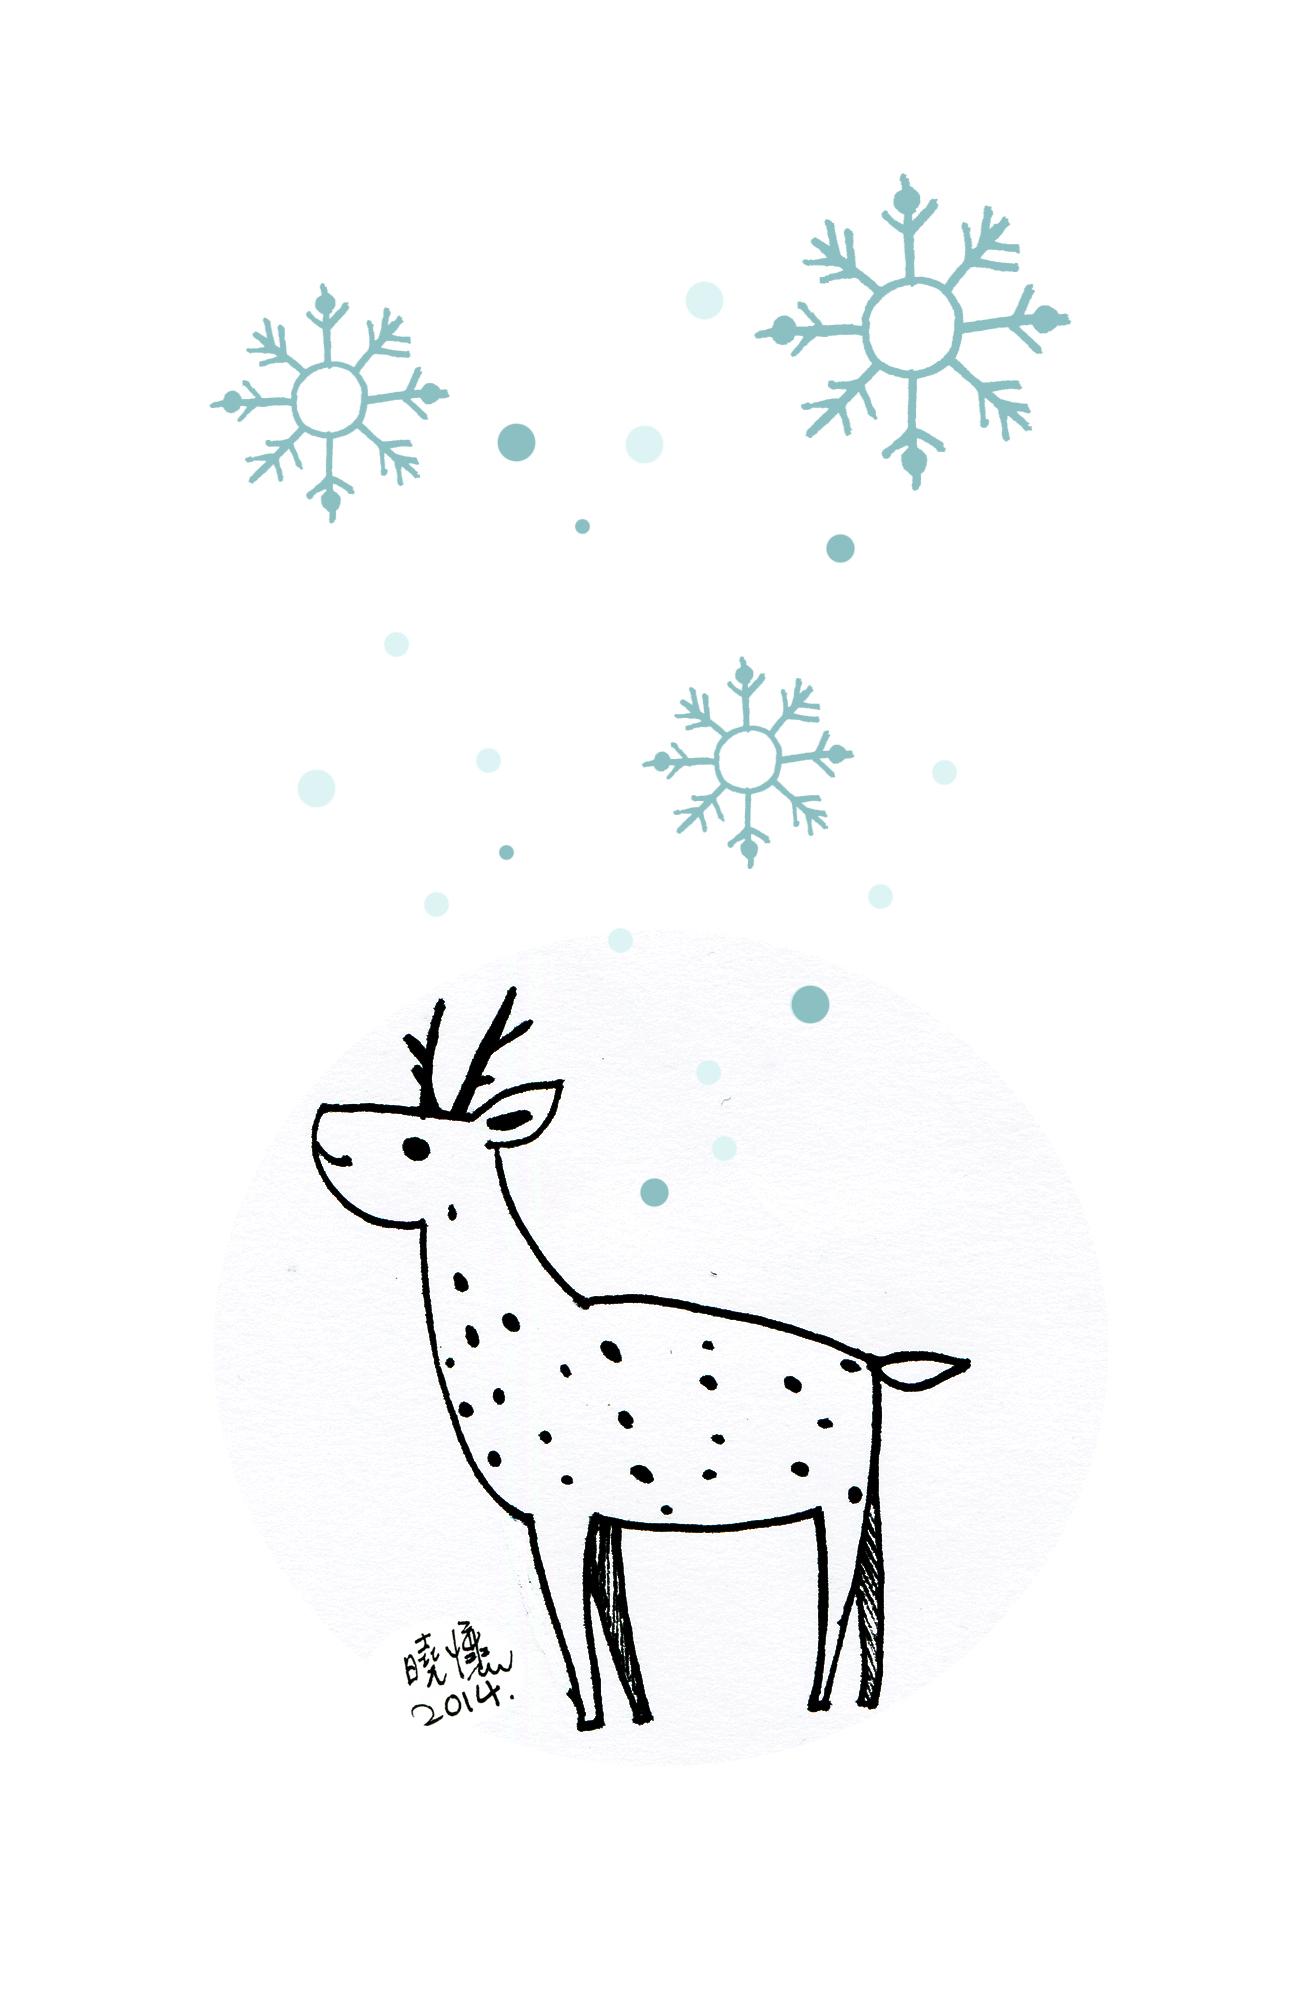 麋鹿简笔画 手绘